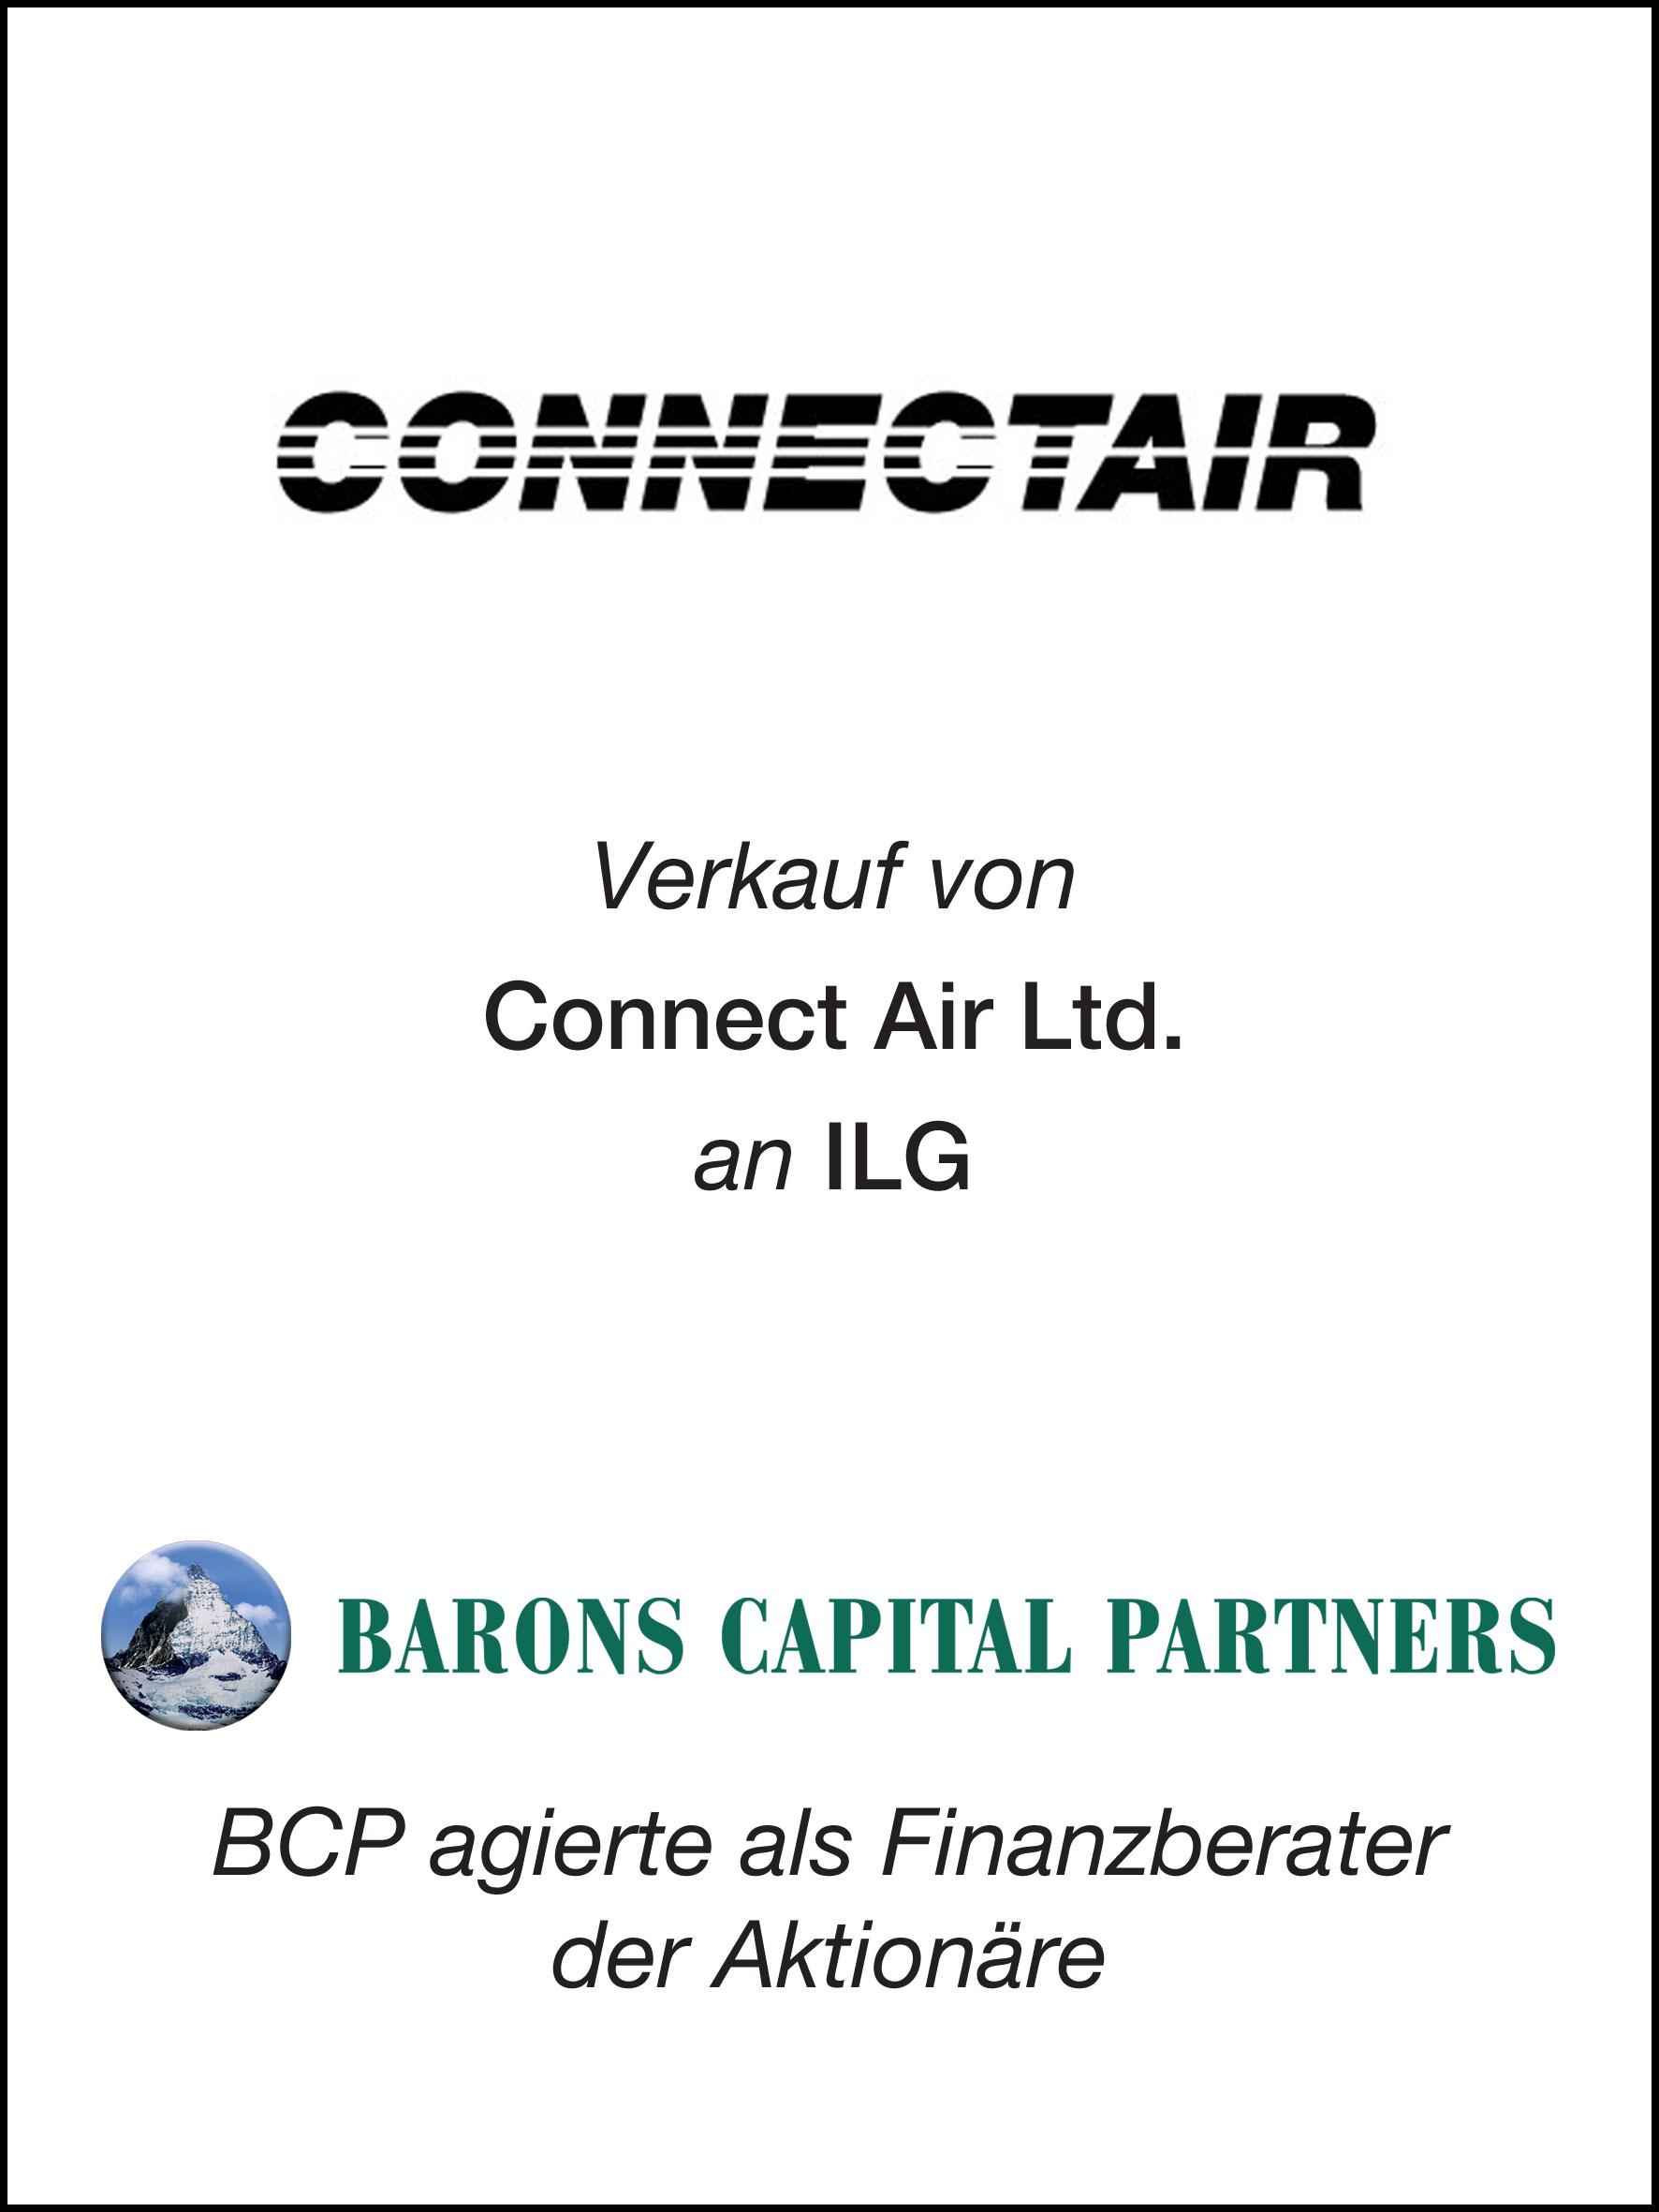 38_Connectair Ltd_G